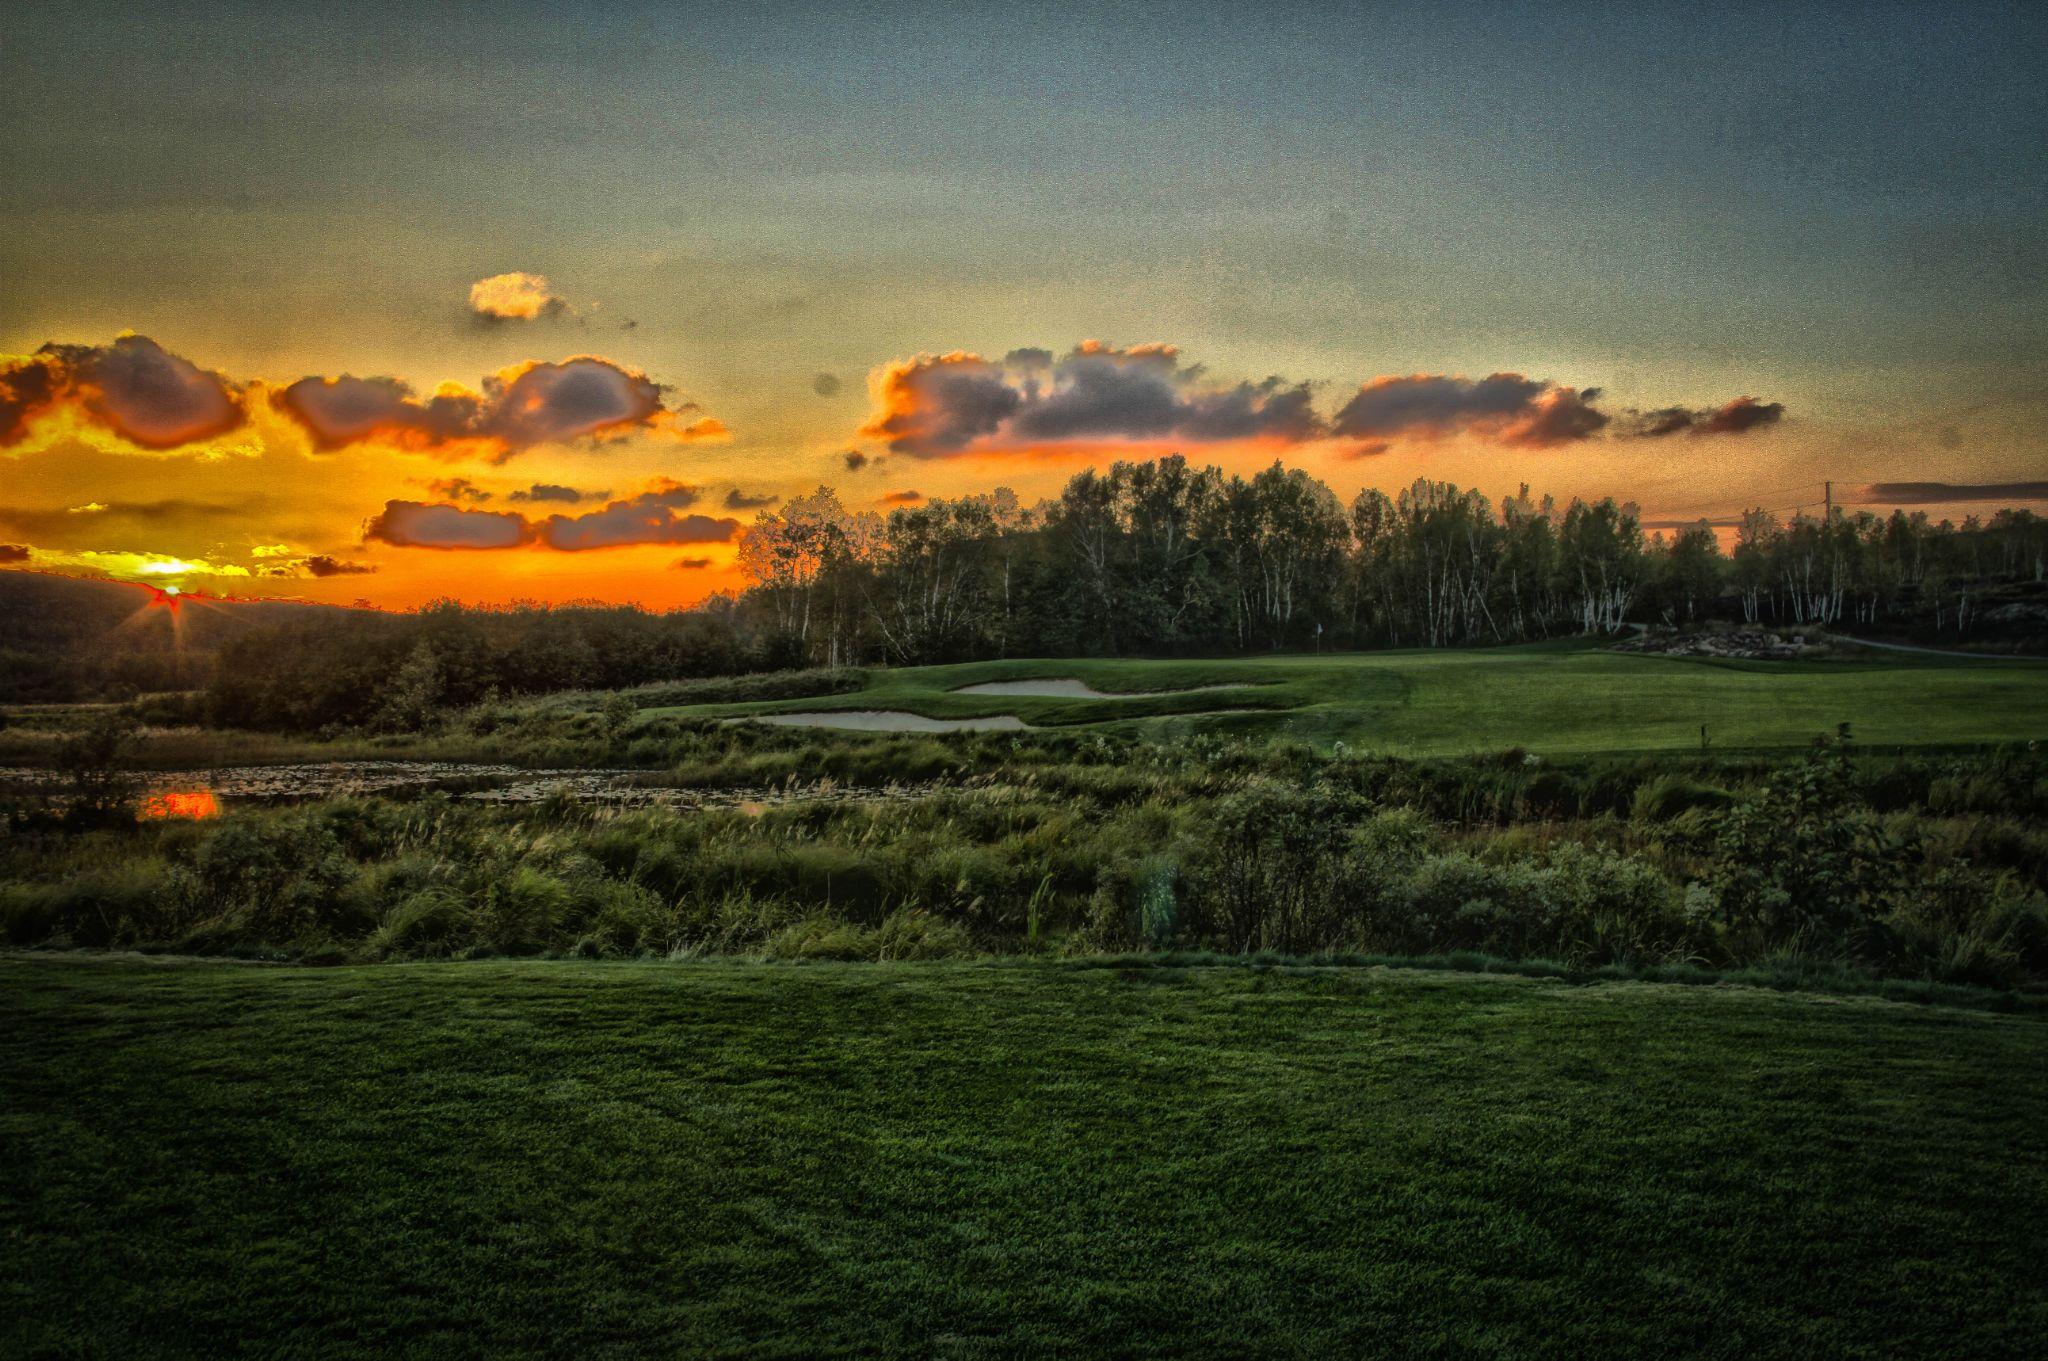 Evening Round by Matthew Barton